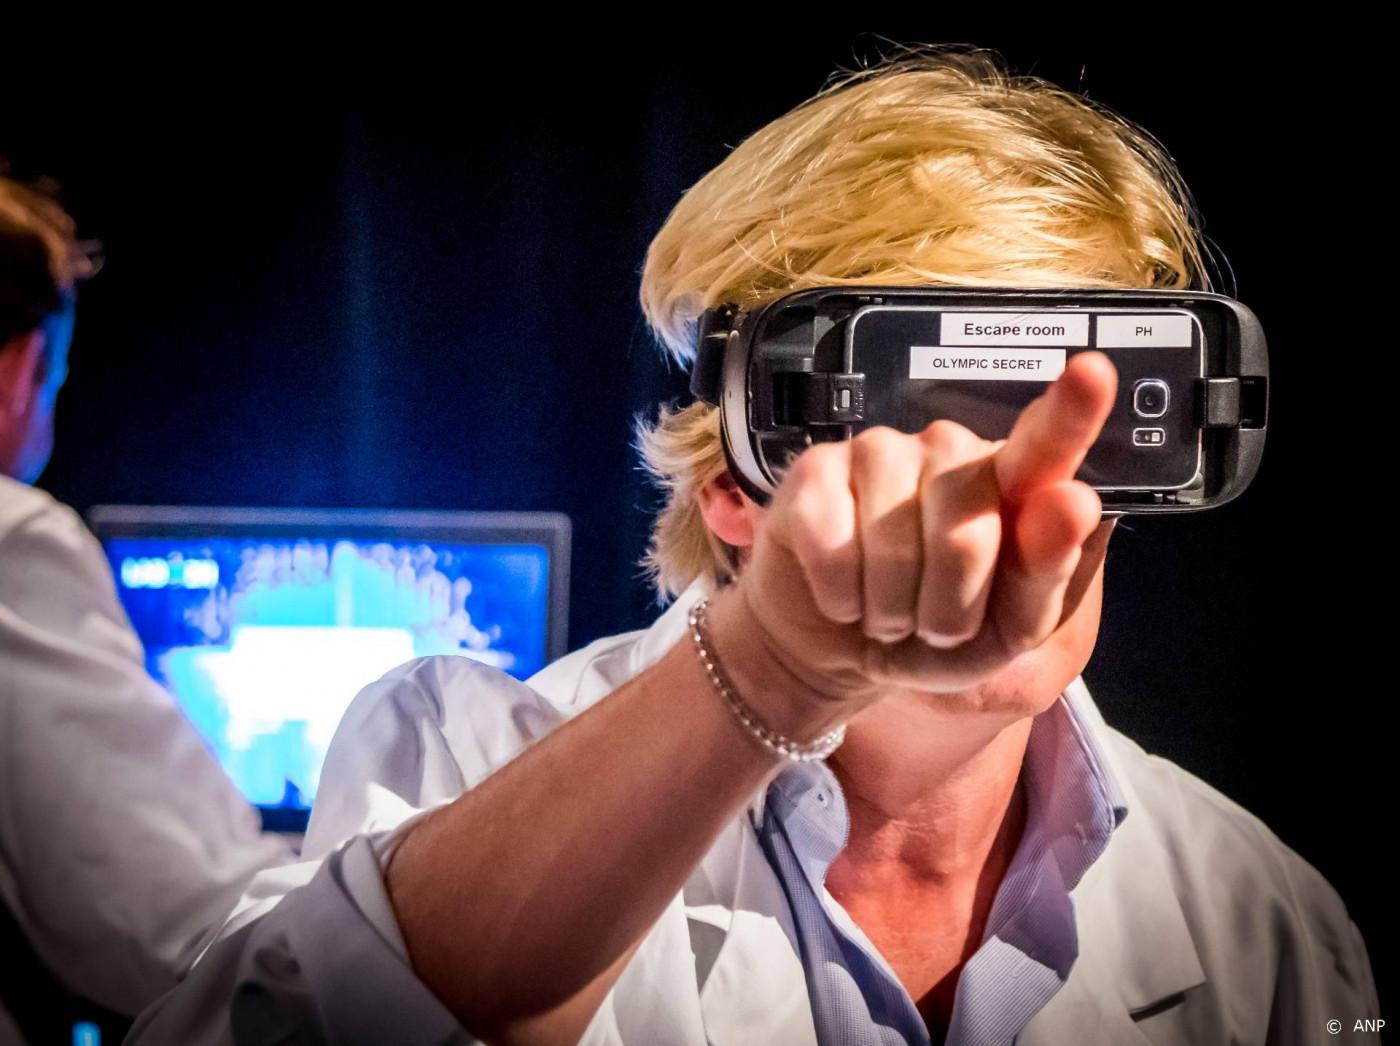 Overheid maakt miljoenen euro's vrij voor AI en andere tech